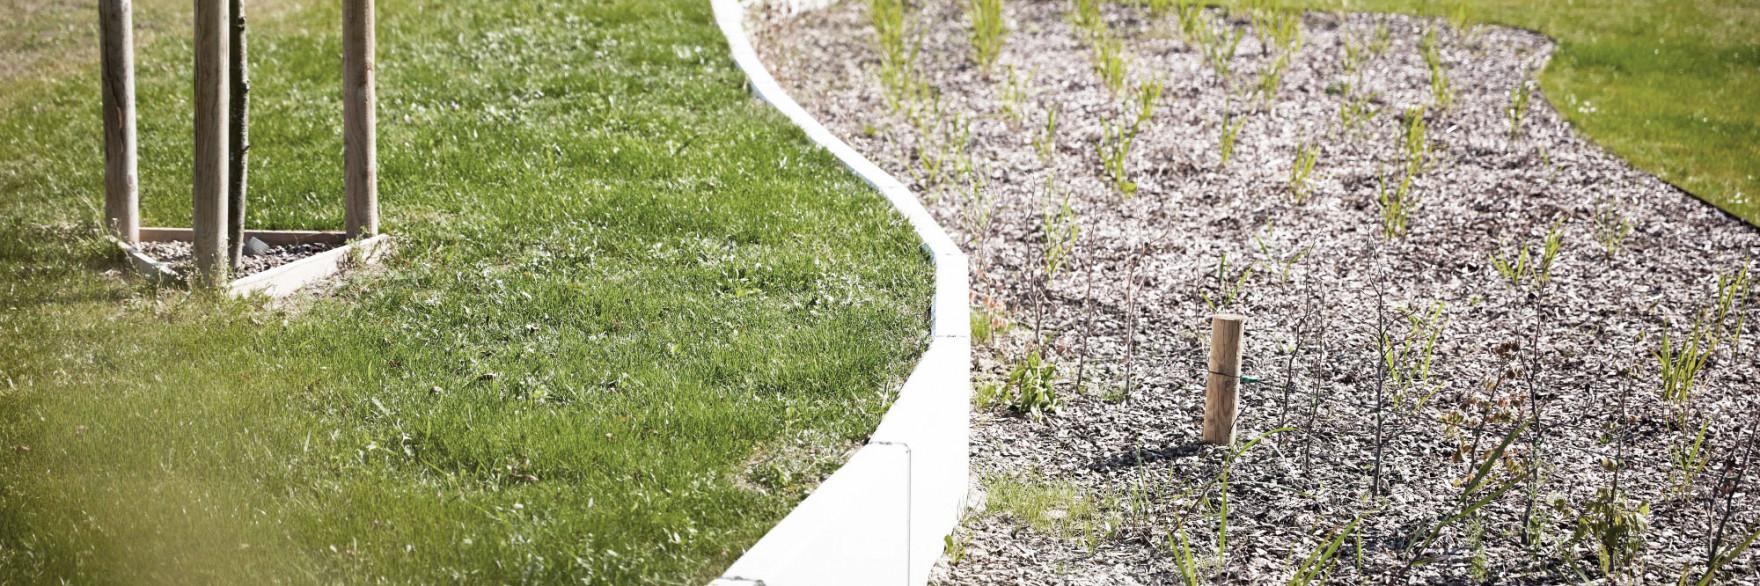 Prefab beton tuinaanleg